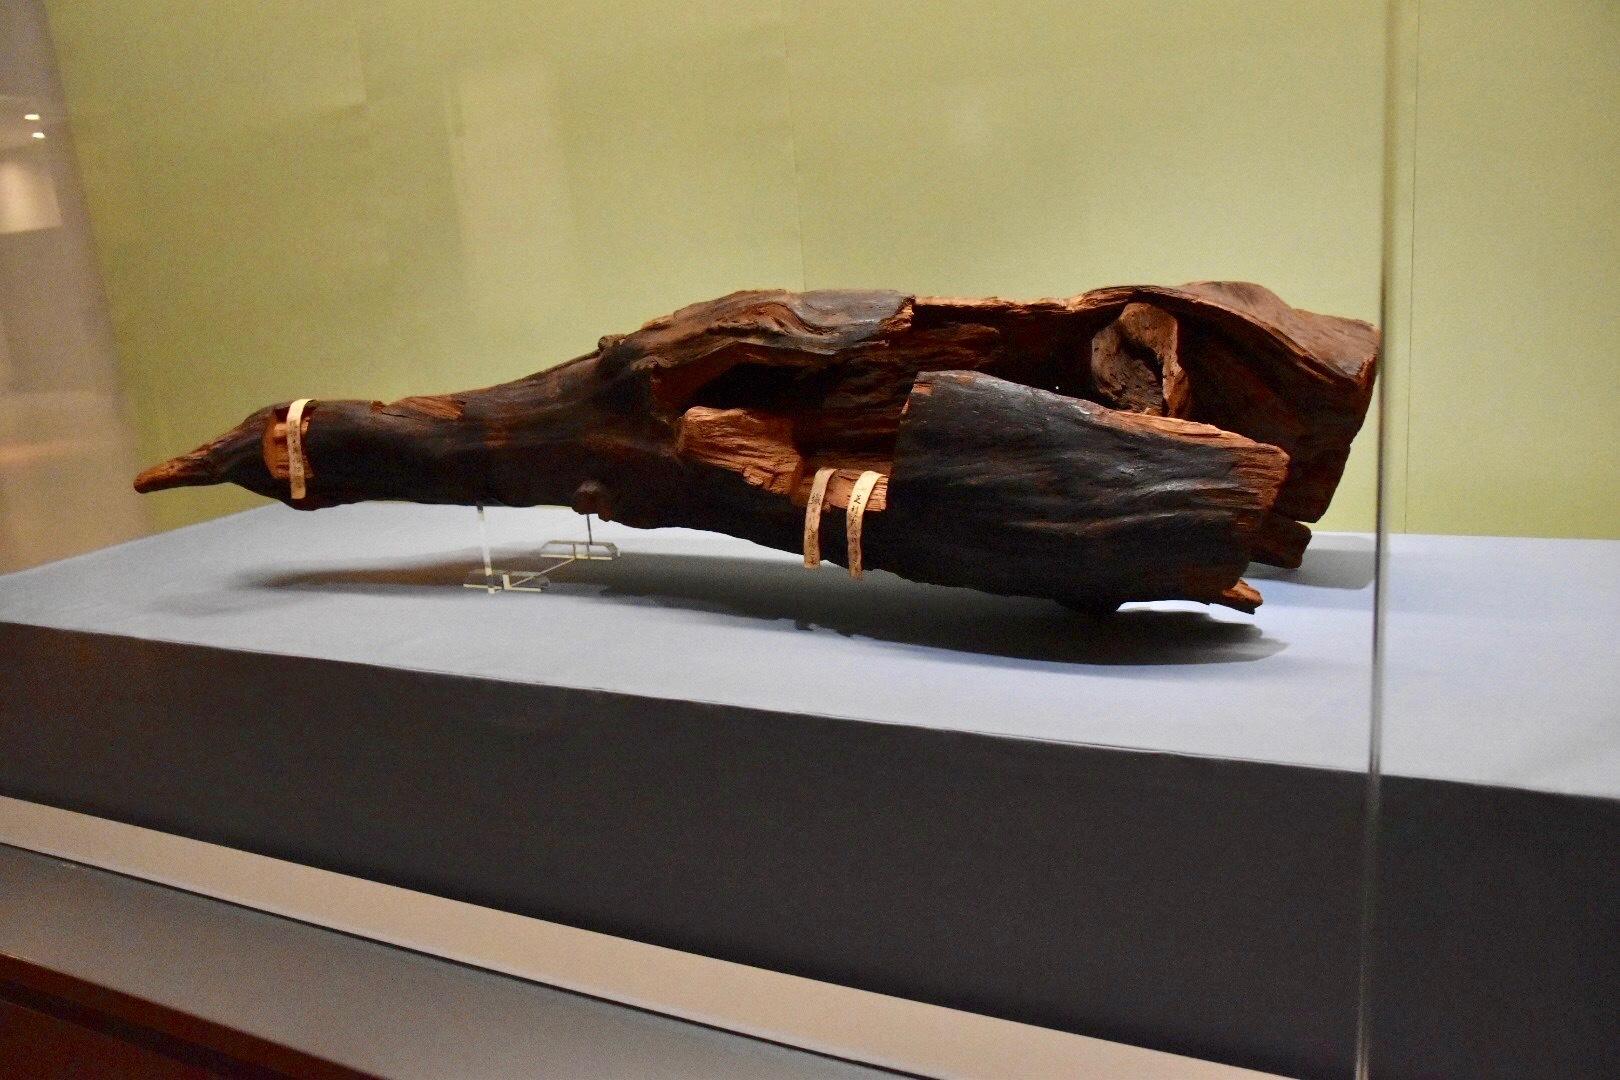 正倉院宝物《黄熟香》 東南アジア 正倉院蔵 通期展示